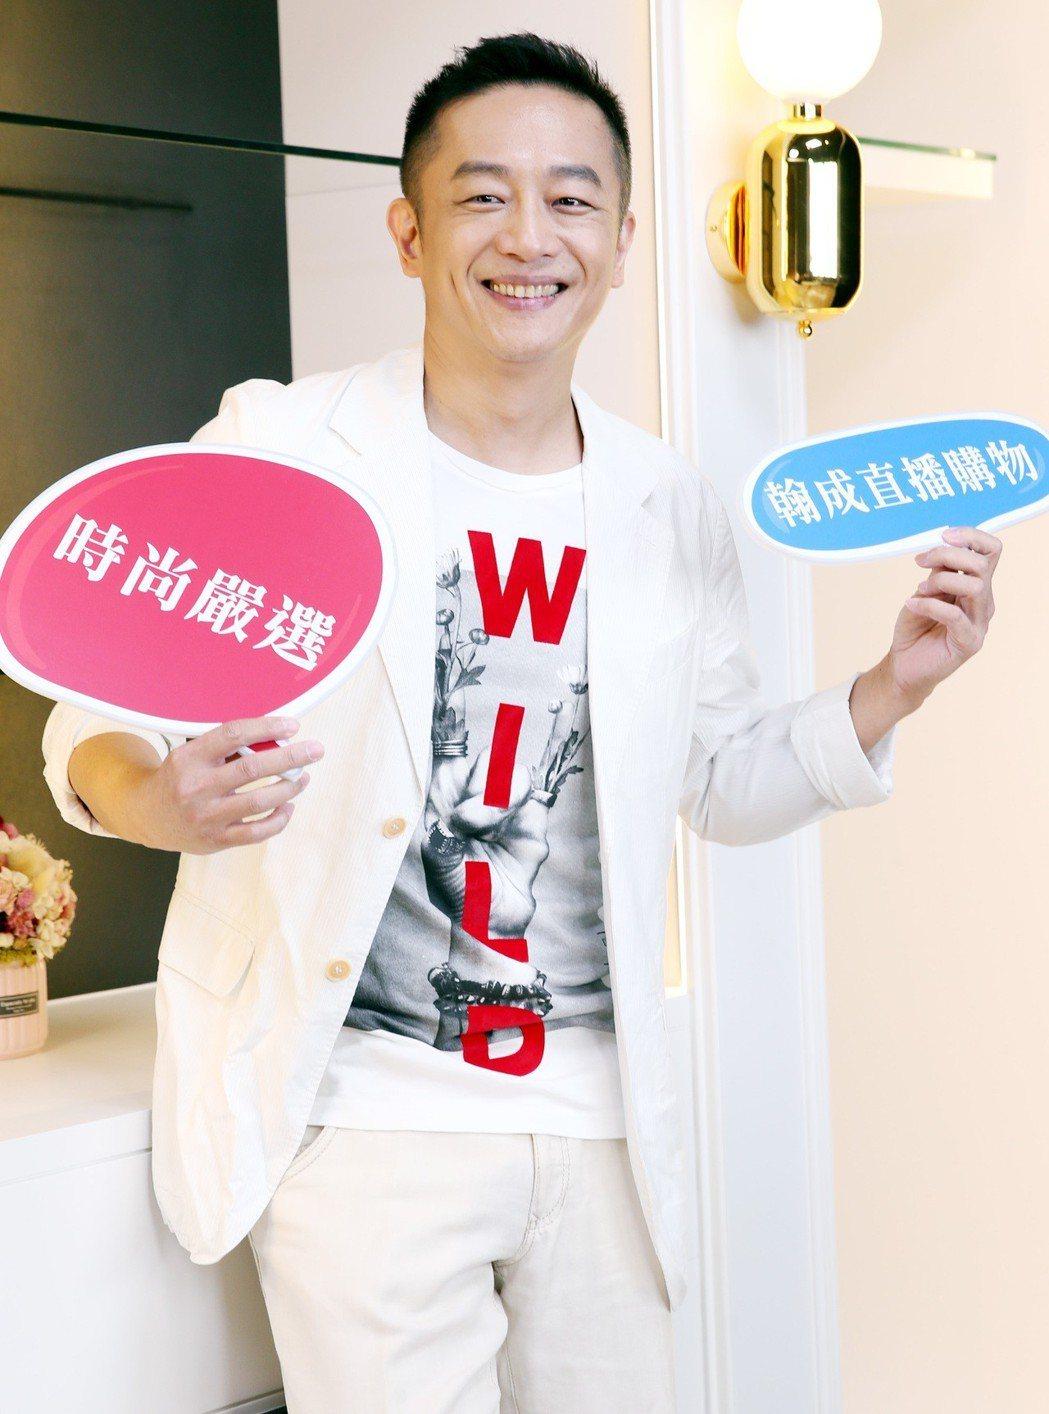 戲劇一哥陳昭榮打造「翰成直播購物」,暢談直播事業。記者侯永全/攝影